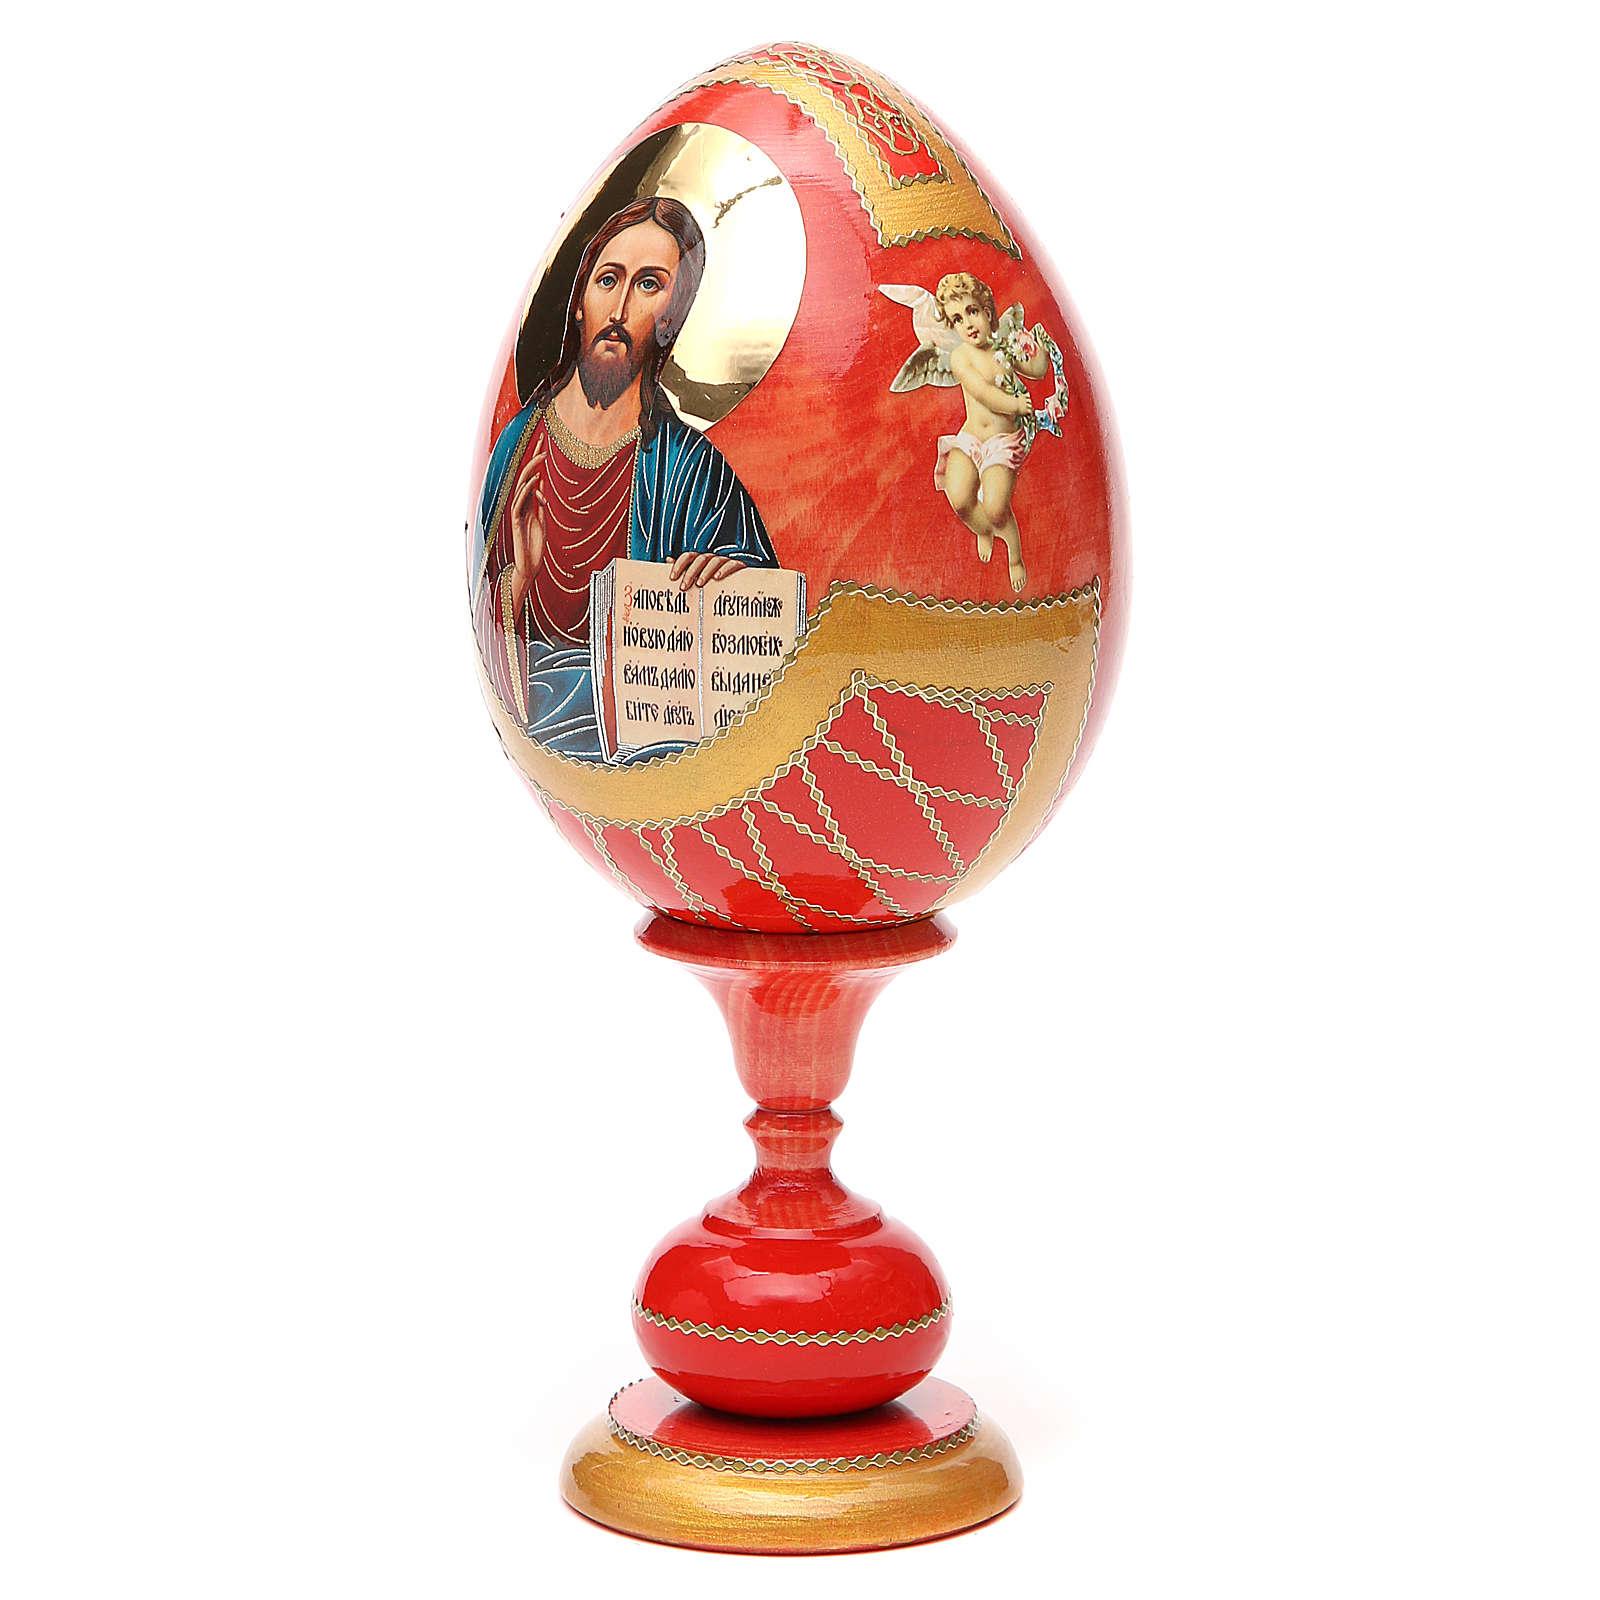 Uovo legno découpage russa Pantocratore tot h 20 cm stile Fabergè 4